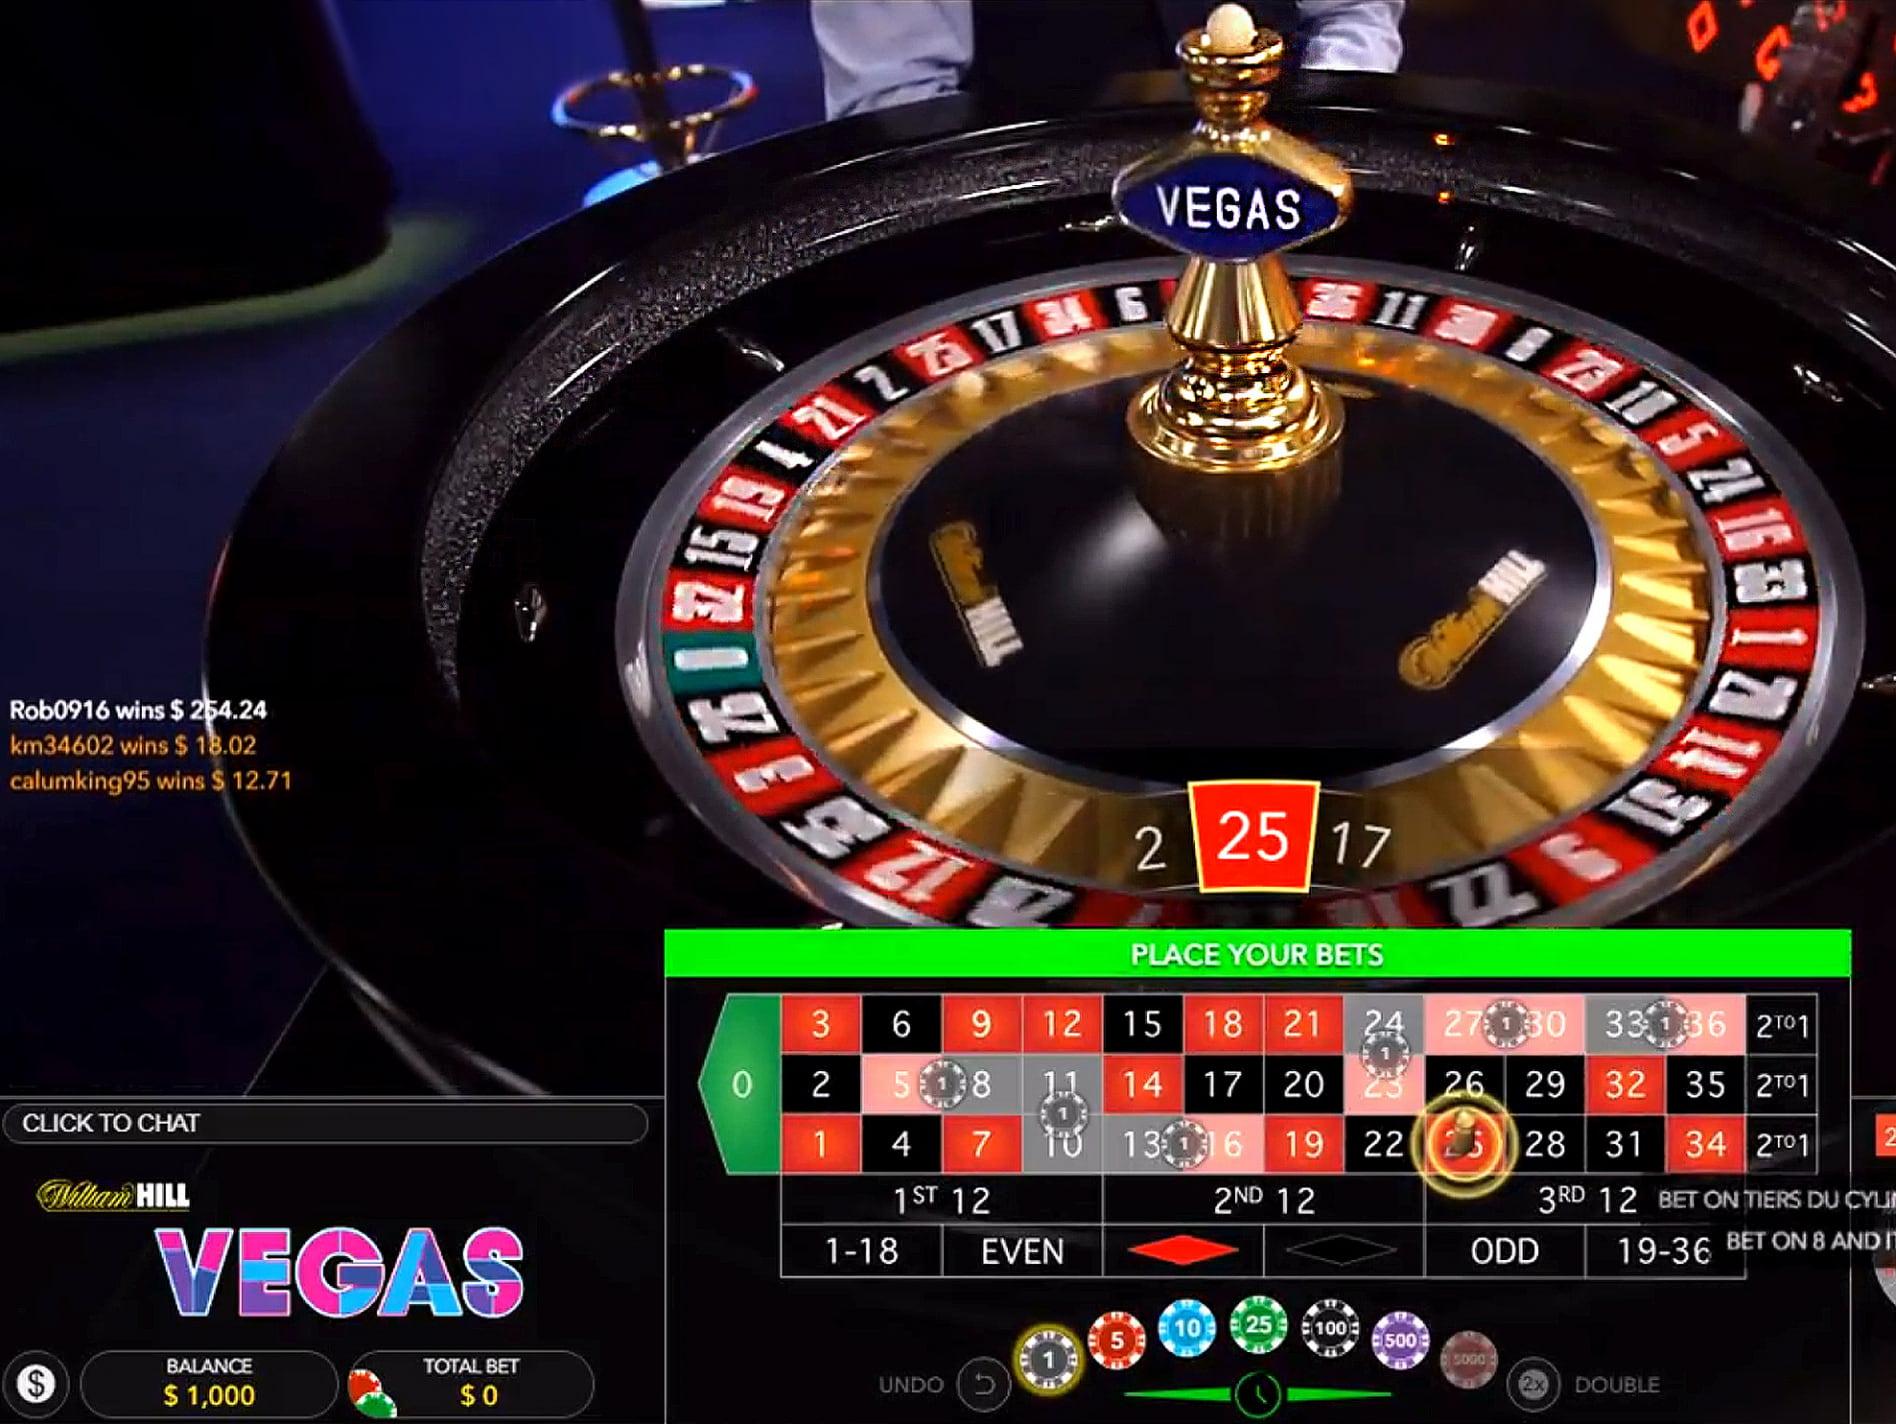 Bonos en el bingo jugar ruleta americana en linea gratis 265426